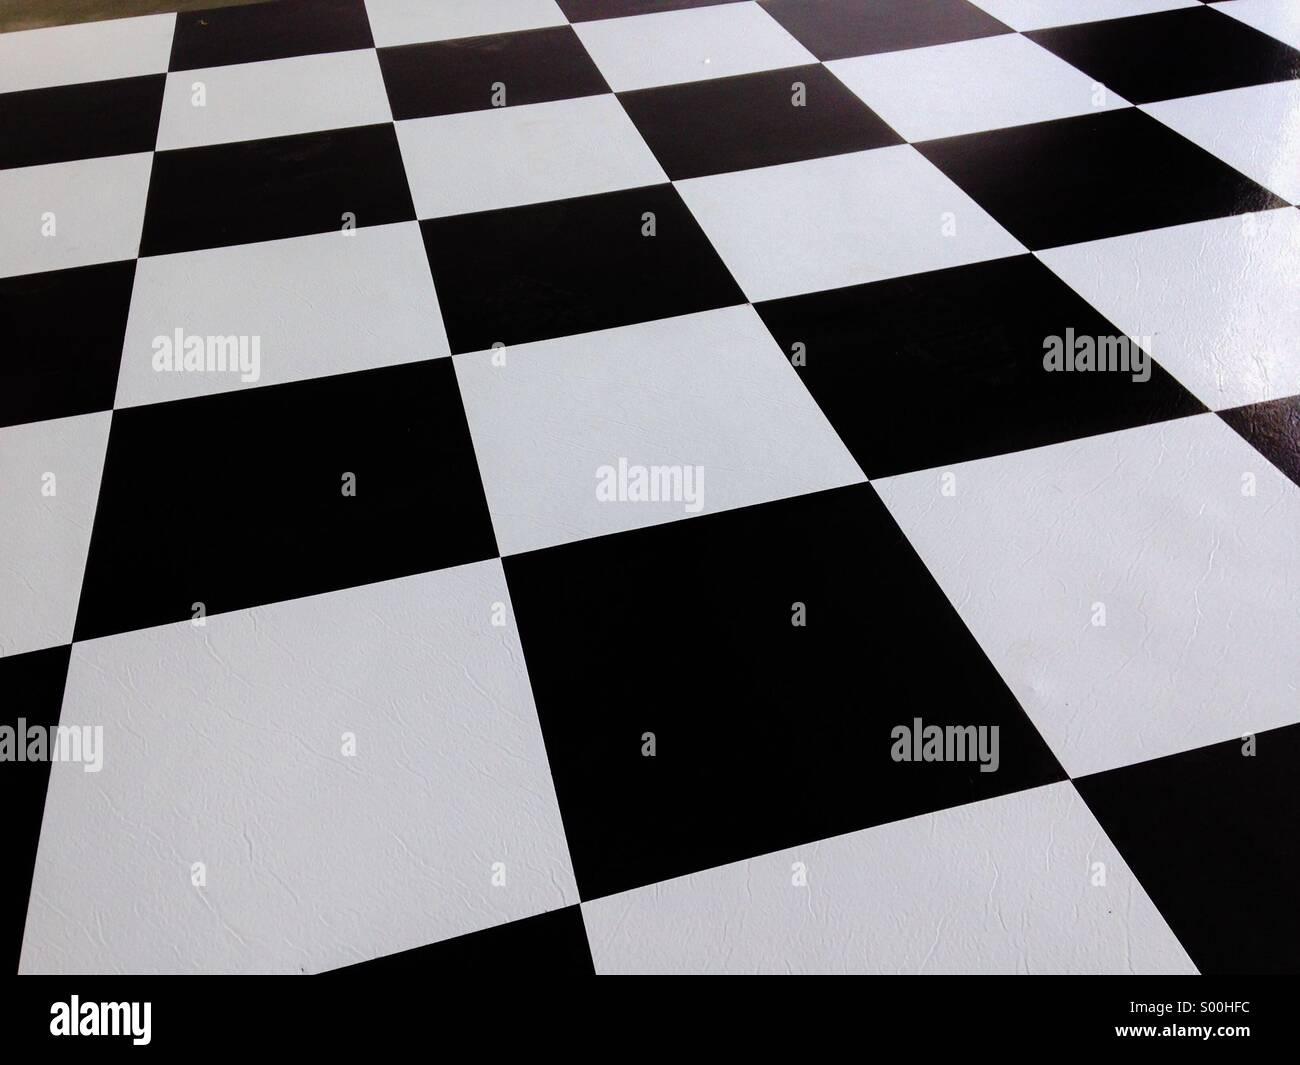 Pisos en blanco y negro Imagen De Stock